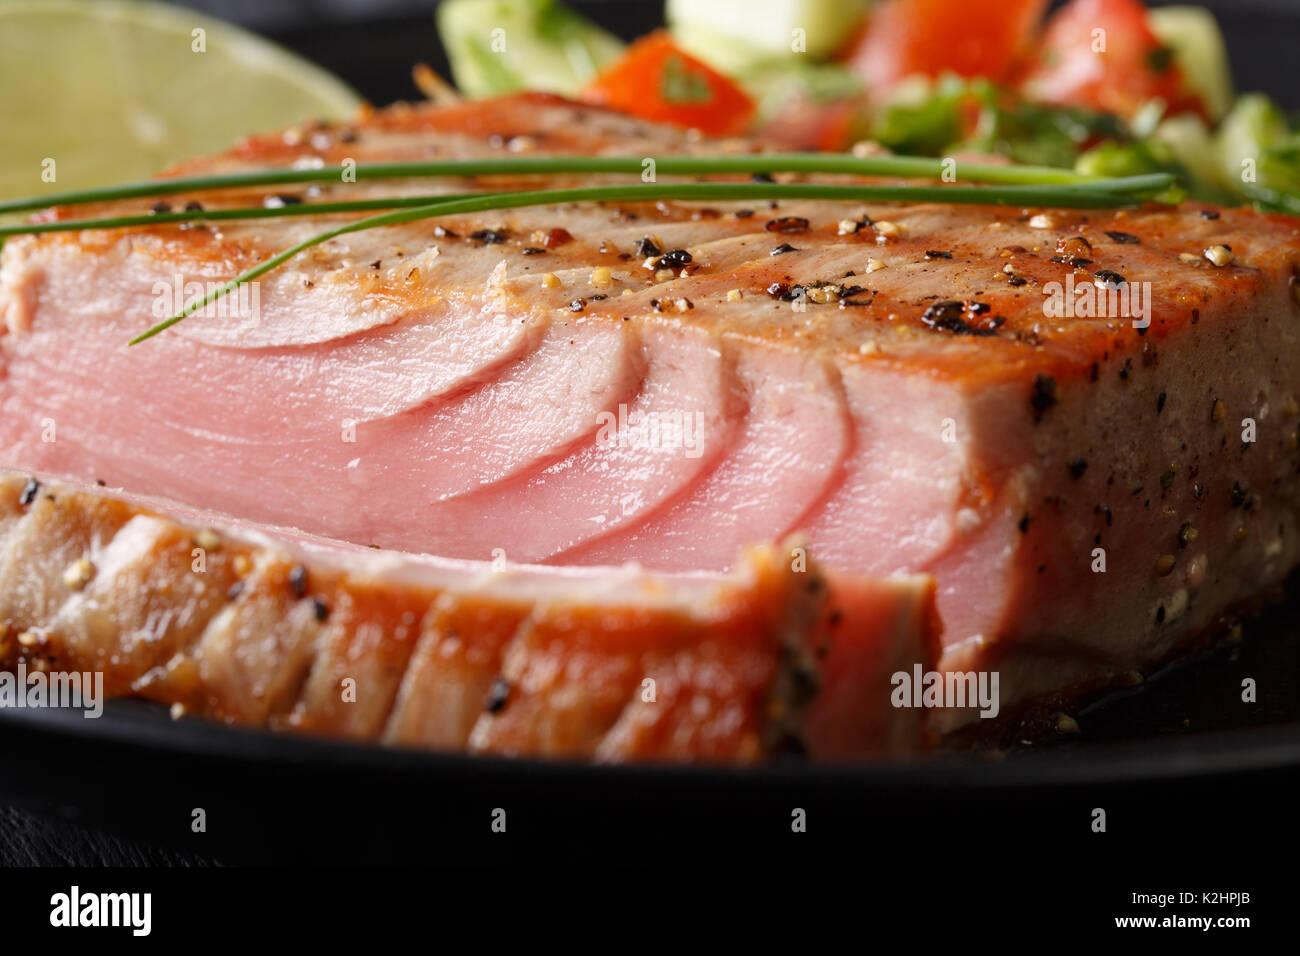 Steak de thon grillé au poivre macro sur une plaque horizontale. Photo Stock